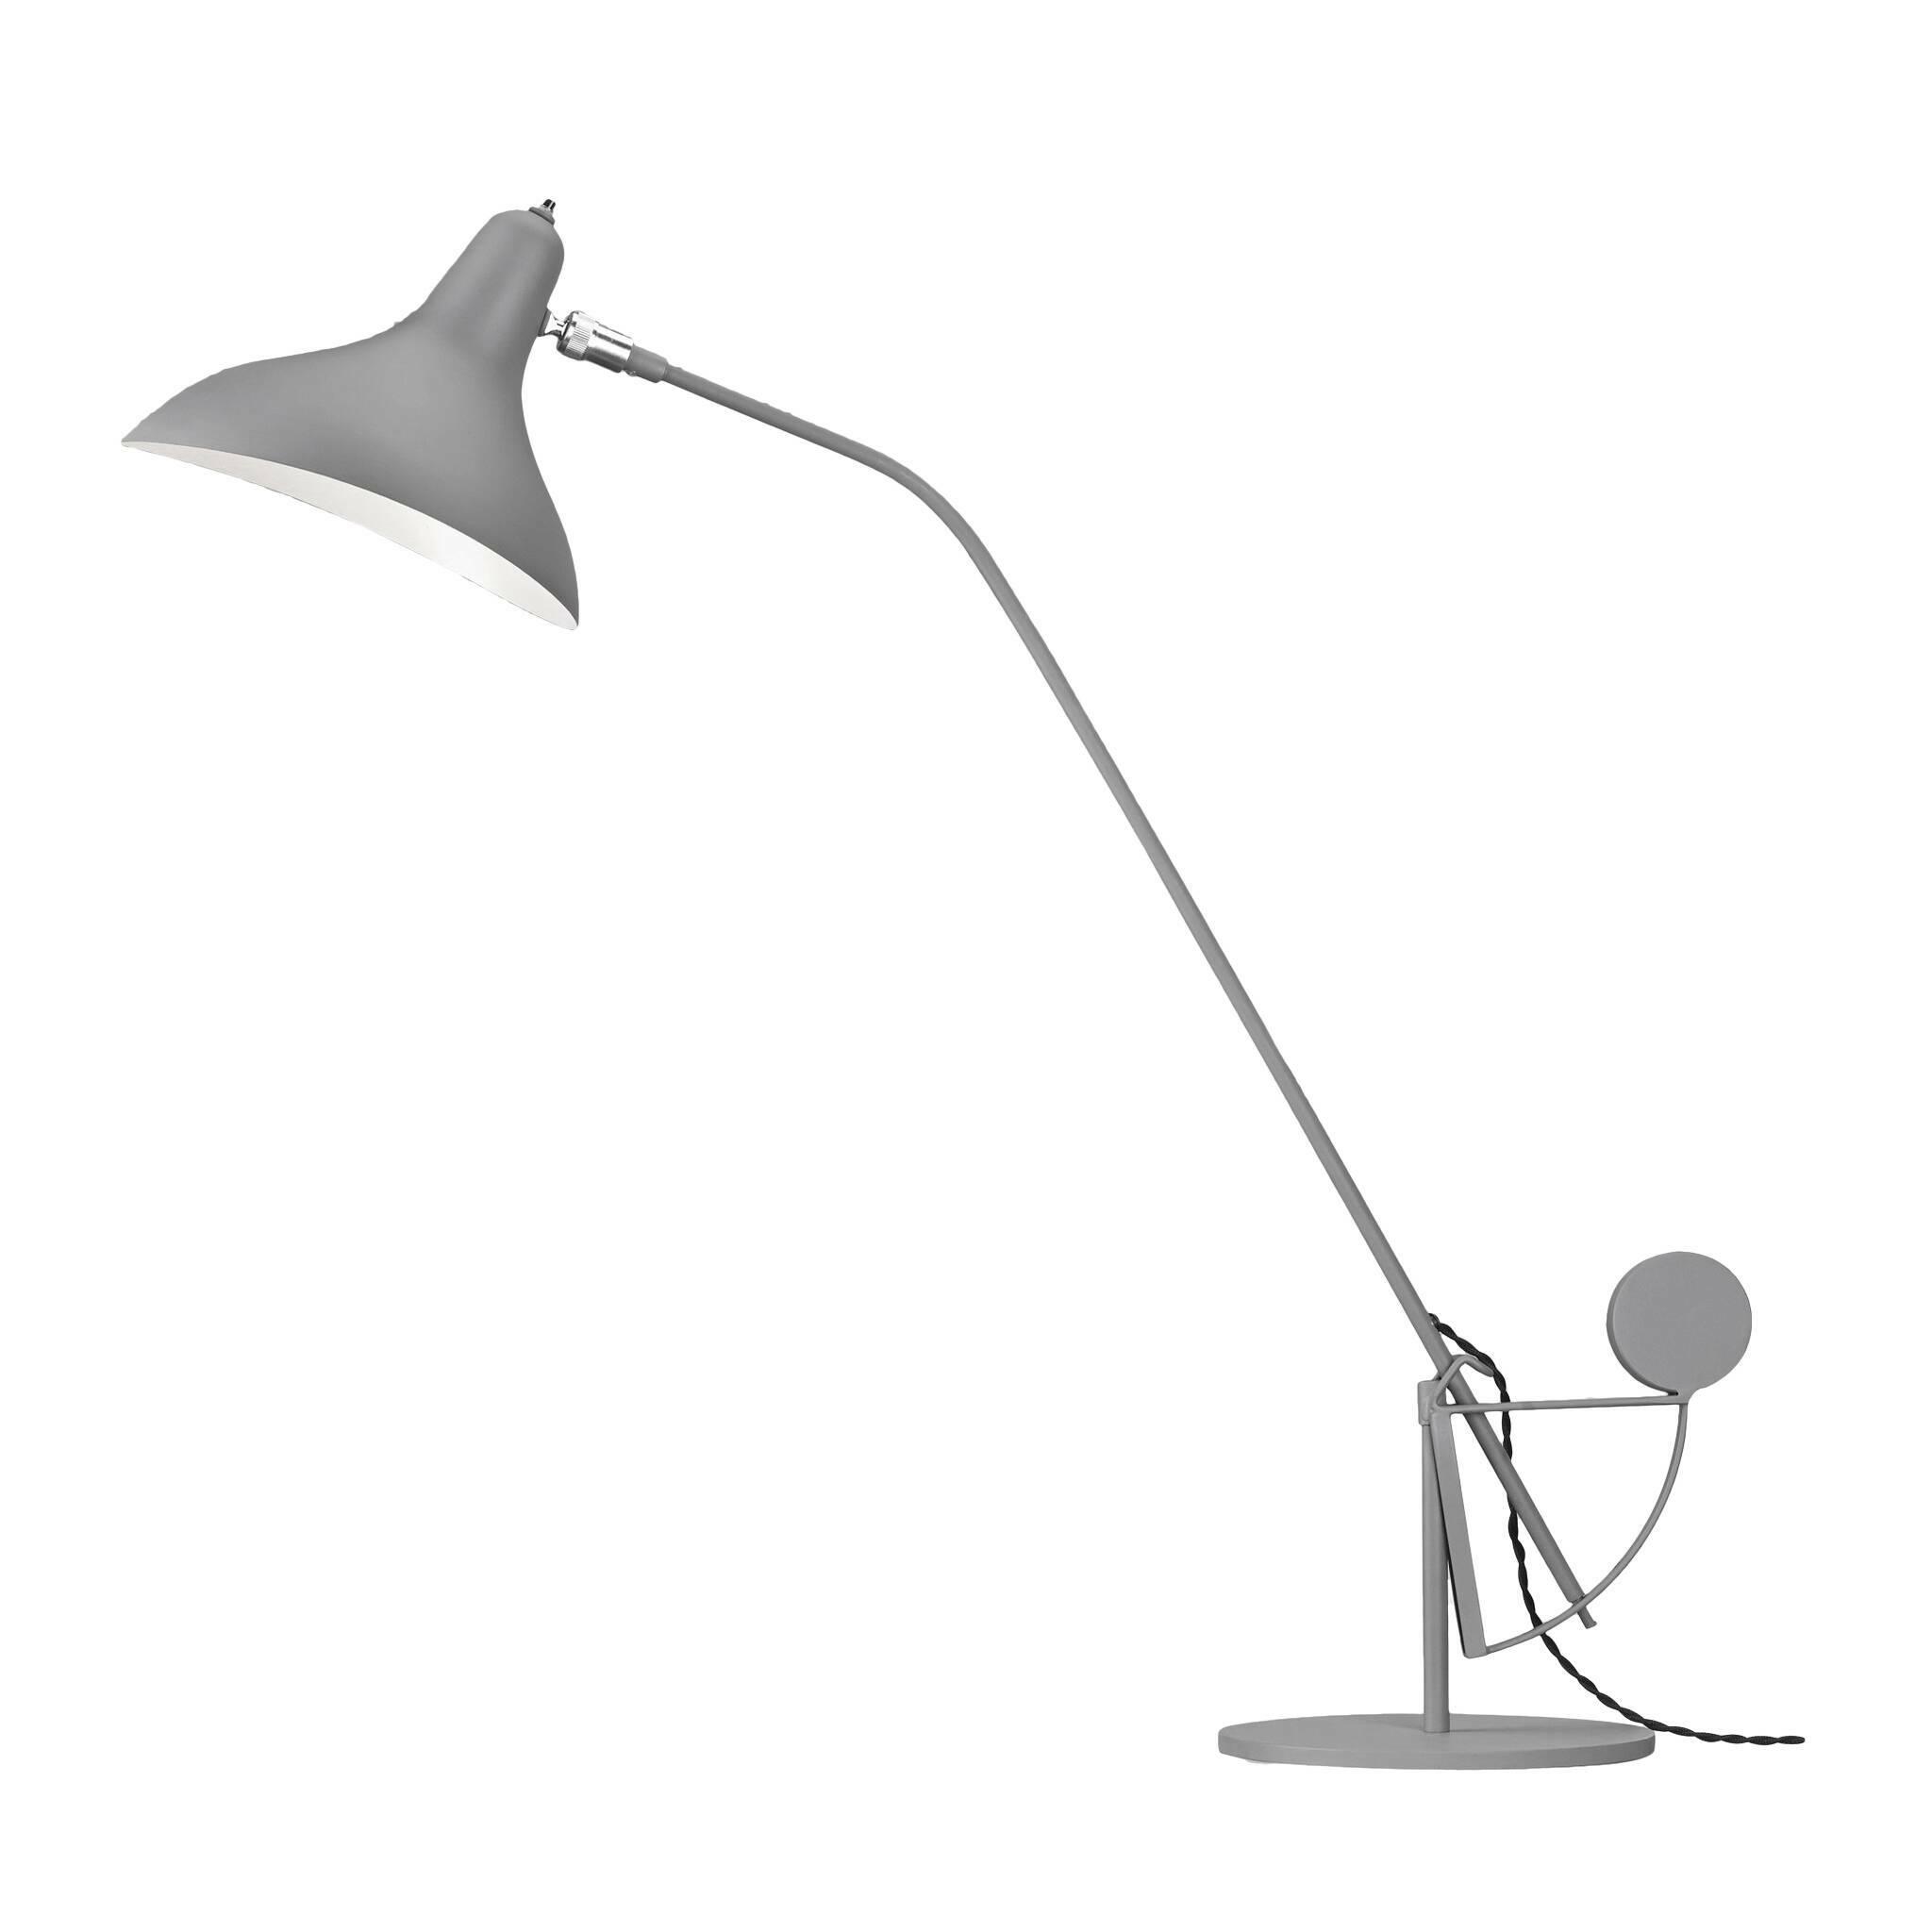 Настольный светильник MantisНастольные<br>Настольный светильник Mantis — это работа дизайнера Бернарда Шоттландера, которую он создал в 1951 году. Сам художник считает себя «дизайнером интерьеров и скульптором экстерьеров», поэтому его известный «богомол» (так переводится название светильника), может настраиваться по высоте и сгибу в зависимости от нужд владельца.<br><br><br> Настраиваемый функционал — одно из главных достоинств этого светильника. Очень удобно иметь возможность направить свет так, чтобы он падал под идеальным углом, ил...<br><br>stock: 0<br>Высота: 80<br>Длина: 63<br>Количество ламп: 1<br>Материал абажура: Алюминий<br>Материал арматуры: Сталь<br>Ламп в комплекте: Нет<br>Цвет абажура: Серый<br>Цвет арматуры: Серый<br>Цвет провода: Черный